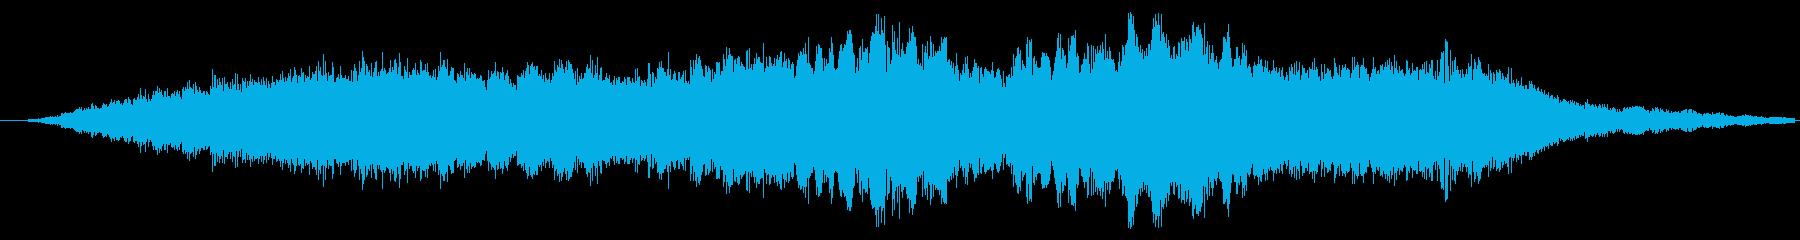 トランジション パッドスイープベント01の再生済みの波形